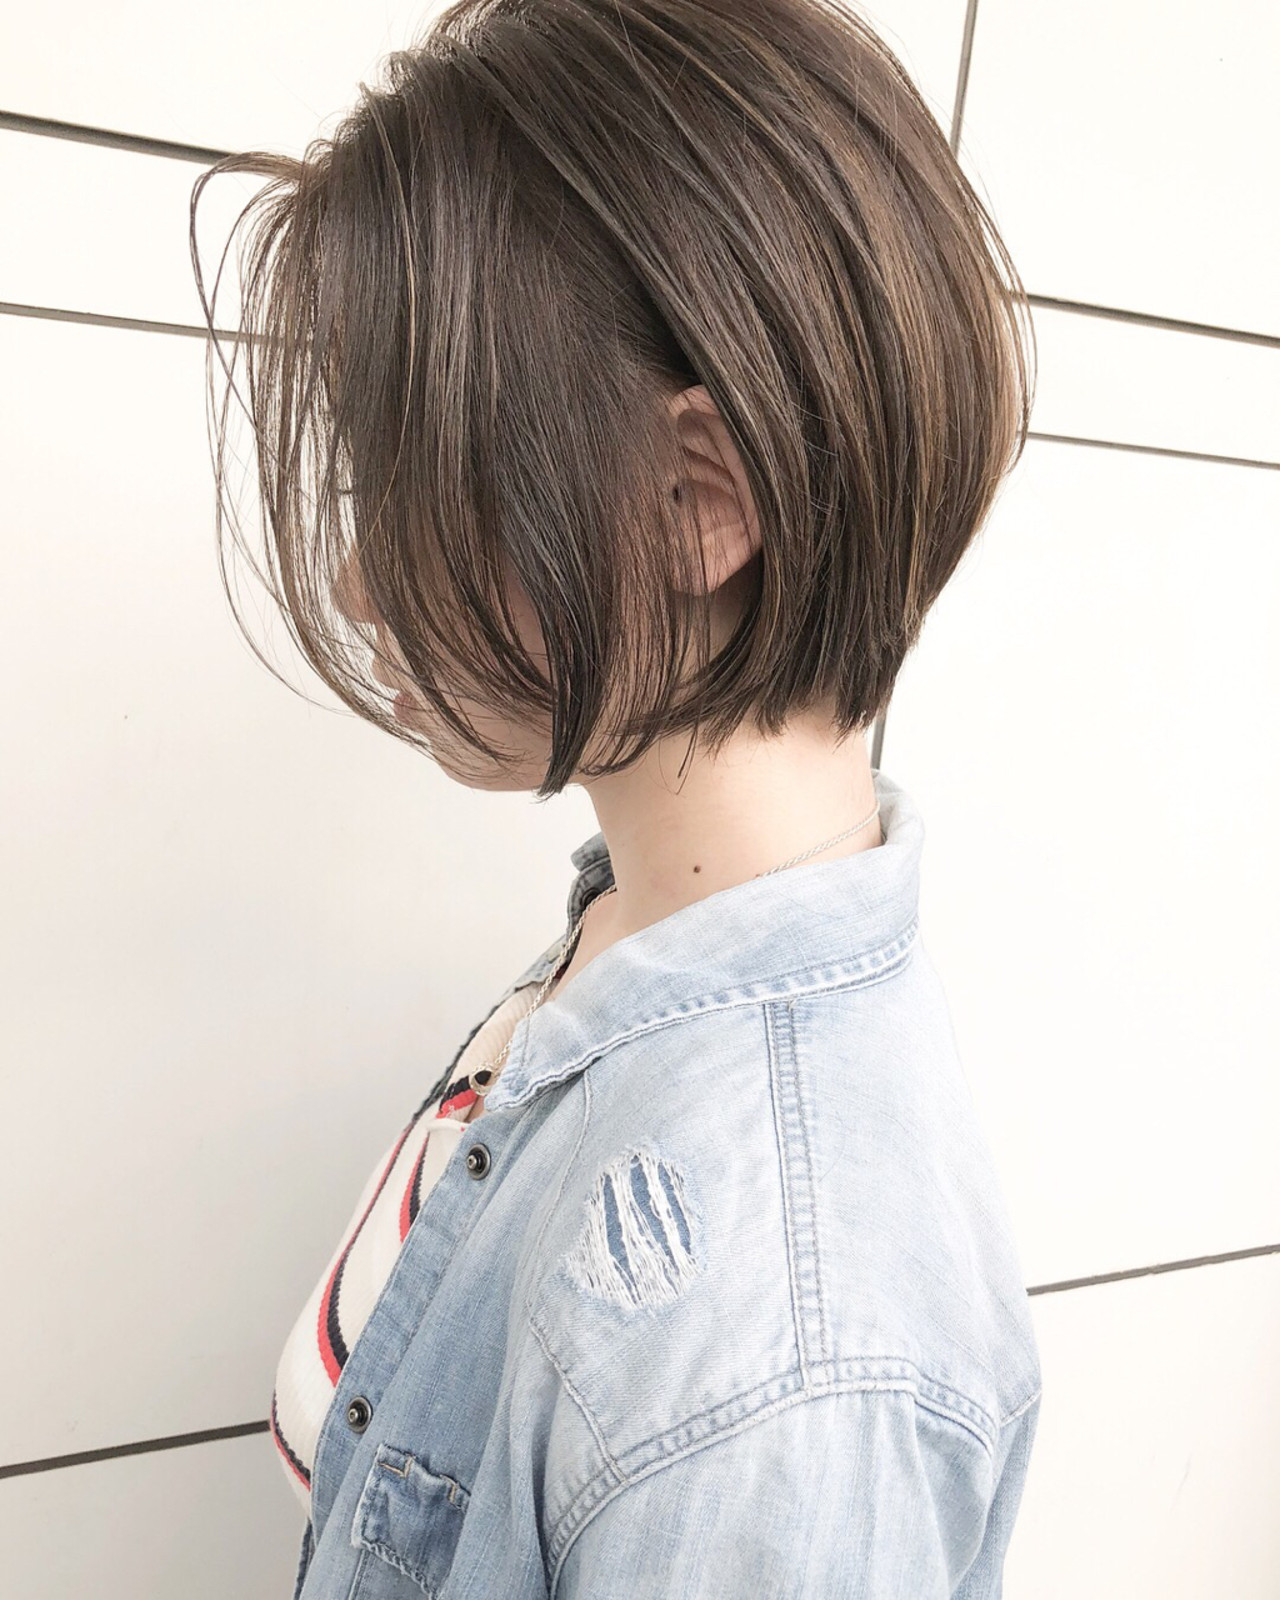 ショート 外国人風 ナチュラル ゆるふわ ヘアスタイルや髪型の写真・画像 | スガ シュンスケ / Tierra (ティエラ)